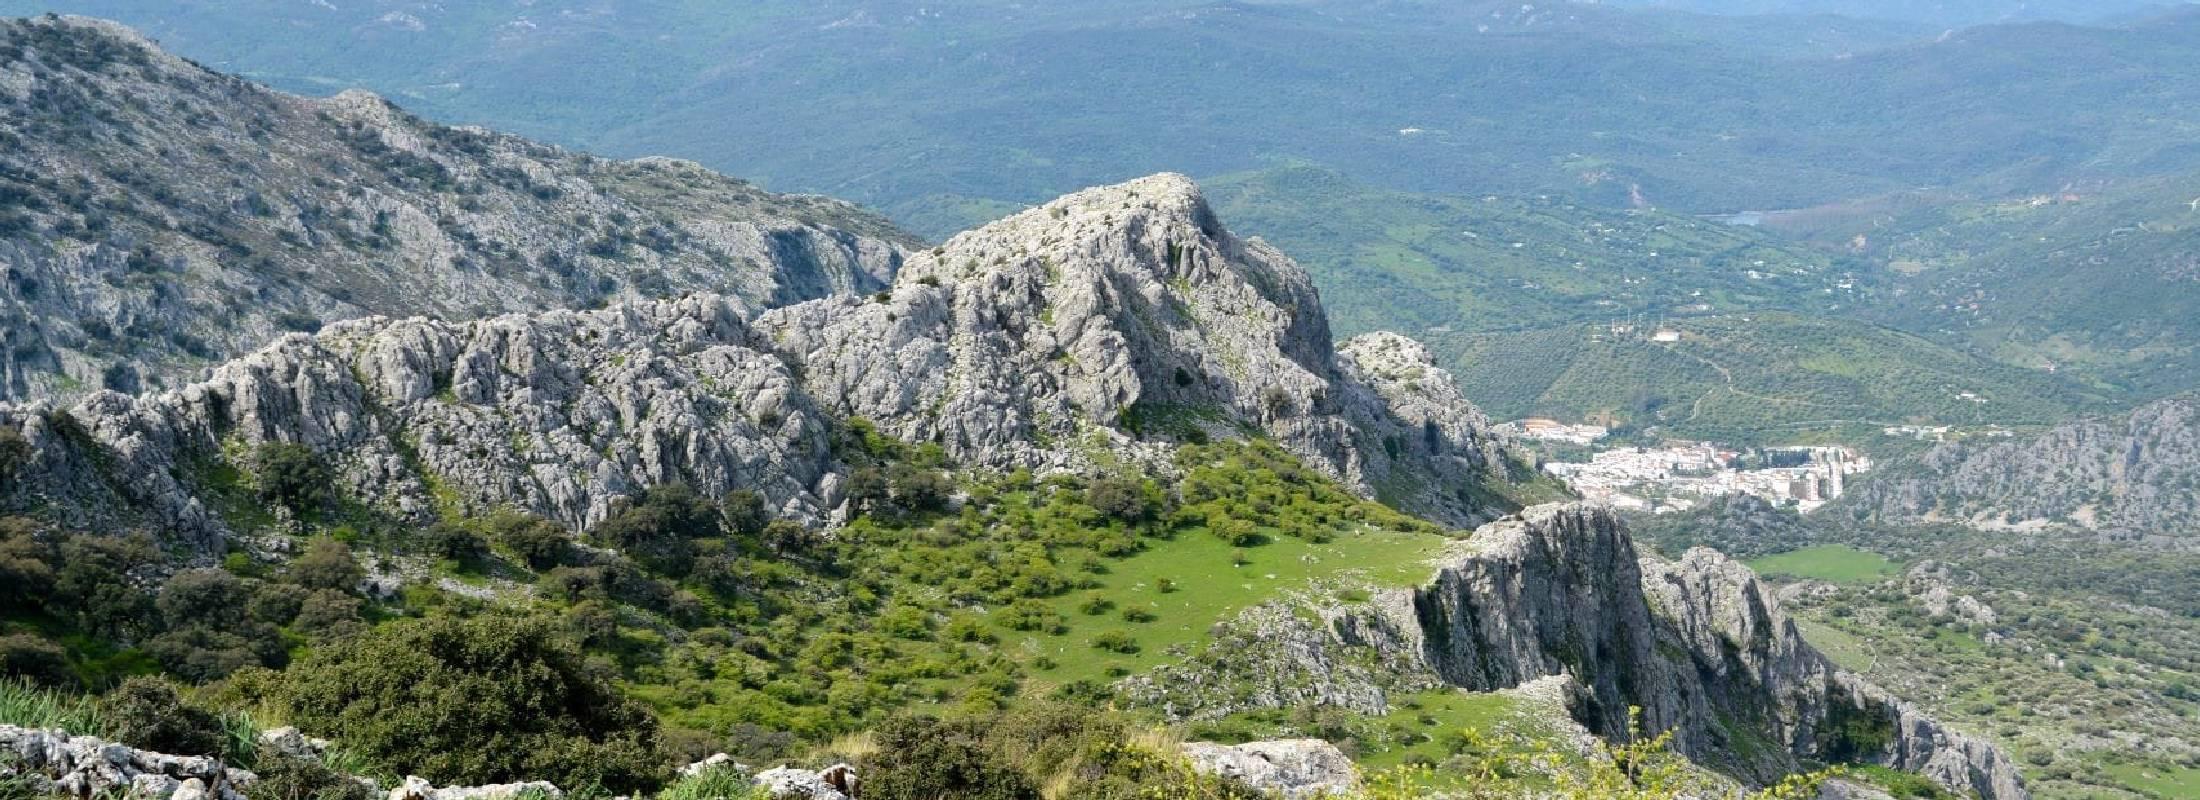 Sierra de Grazalema en cádiz ruta senderismo